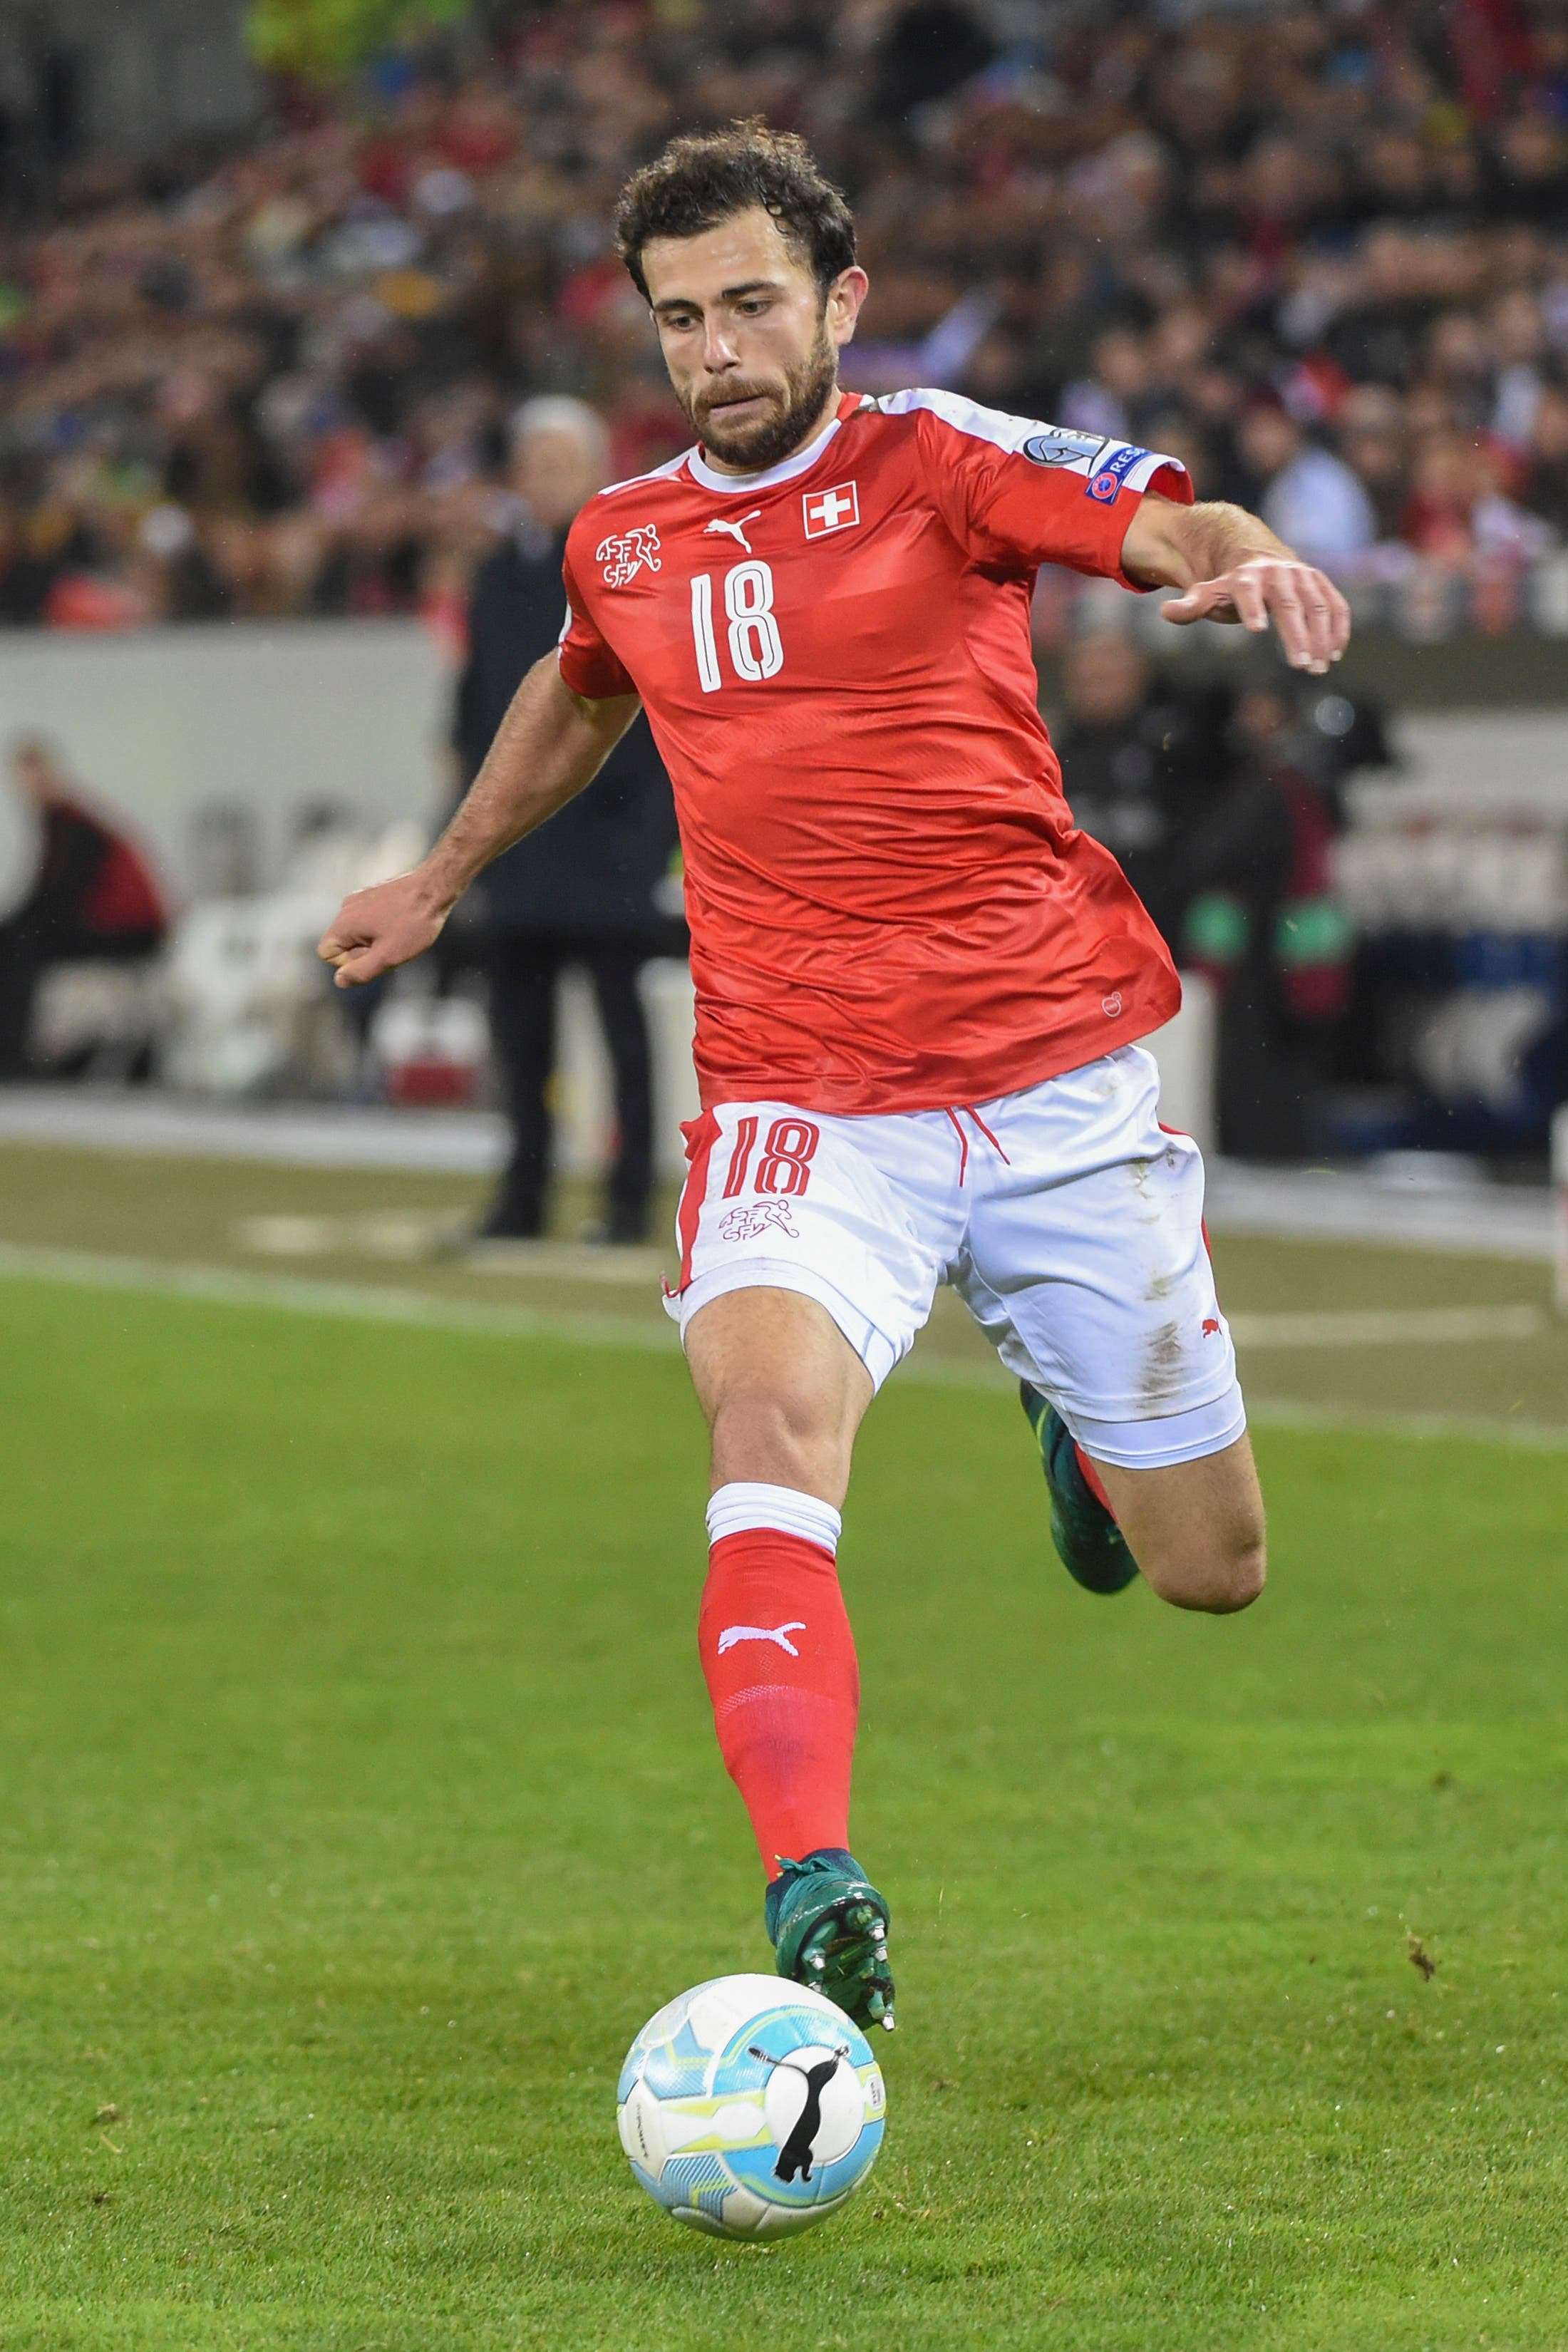 Klubkollege Admir Mehmedi durfte verspätet zur Nati stossen, da sein Test negativ ausfiel.